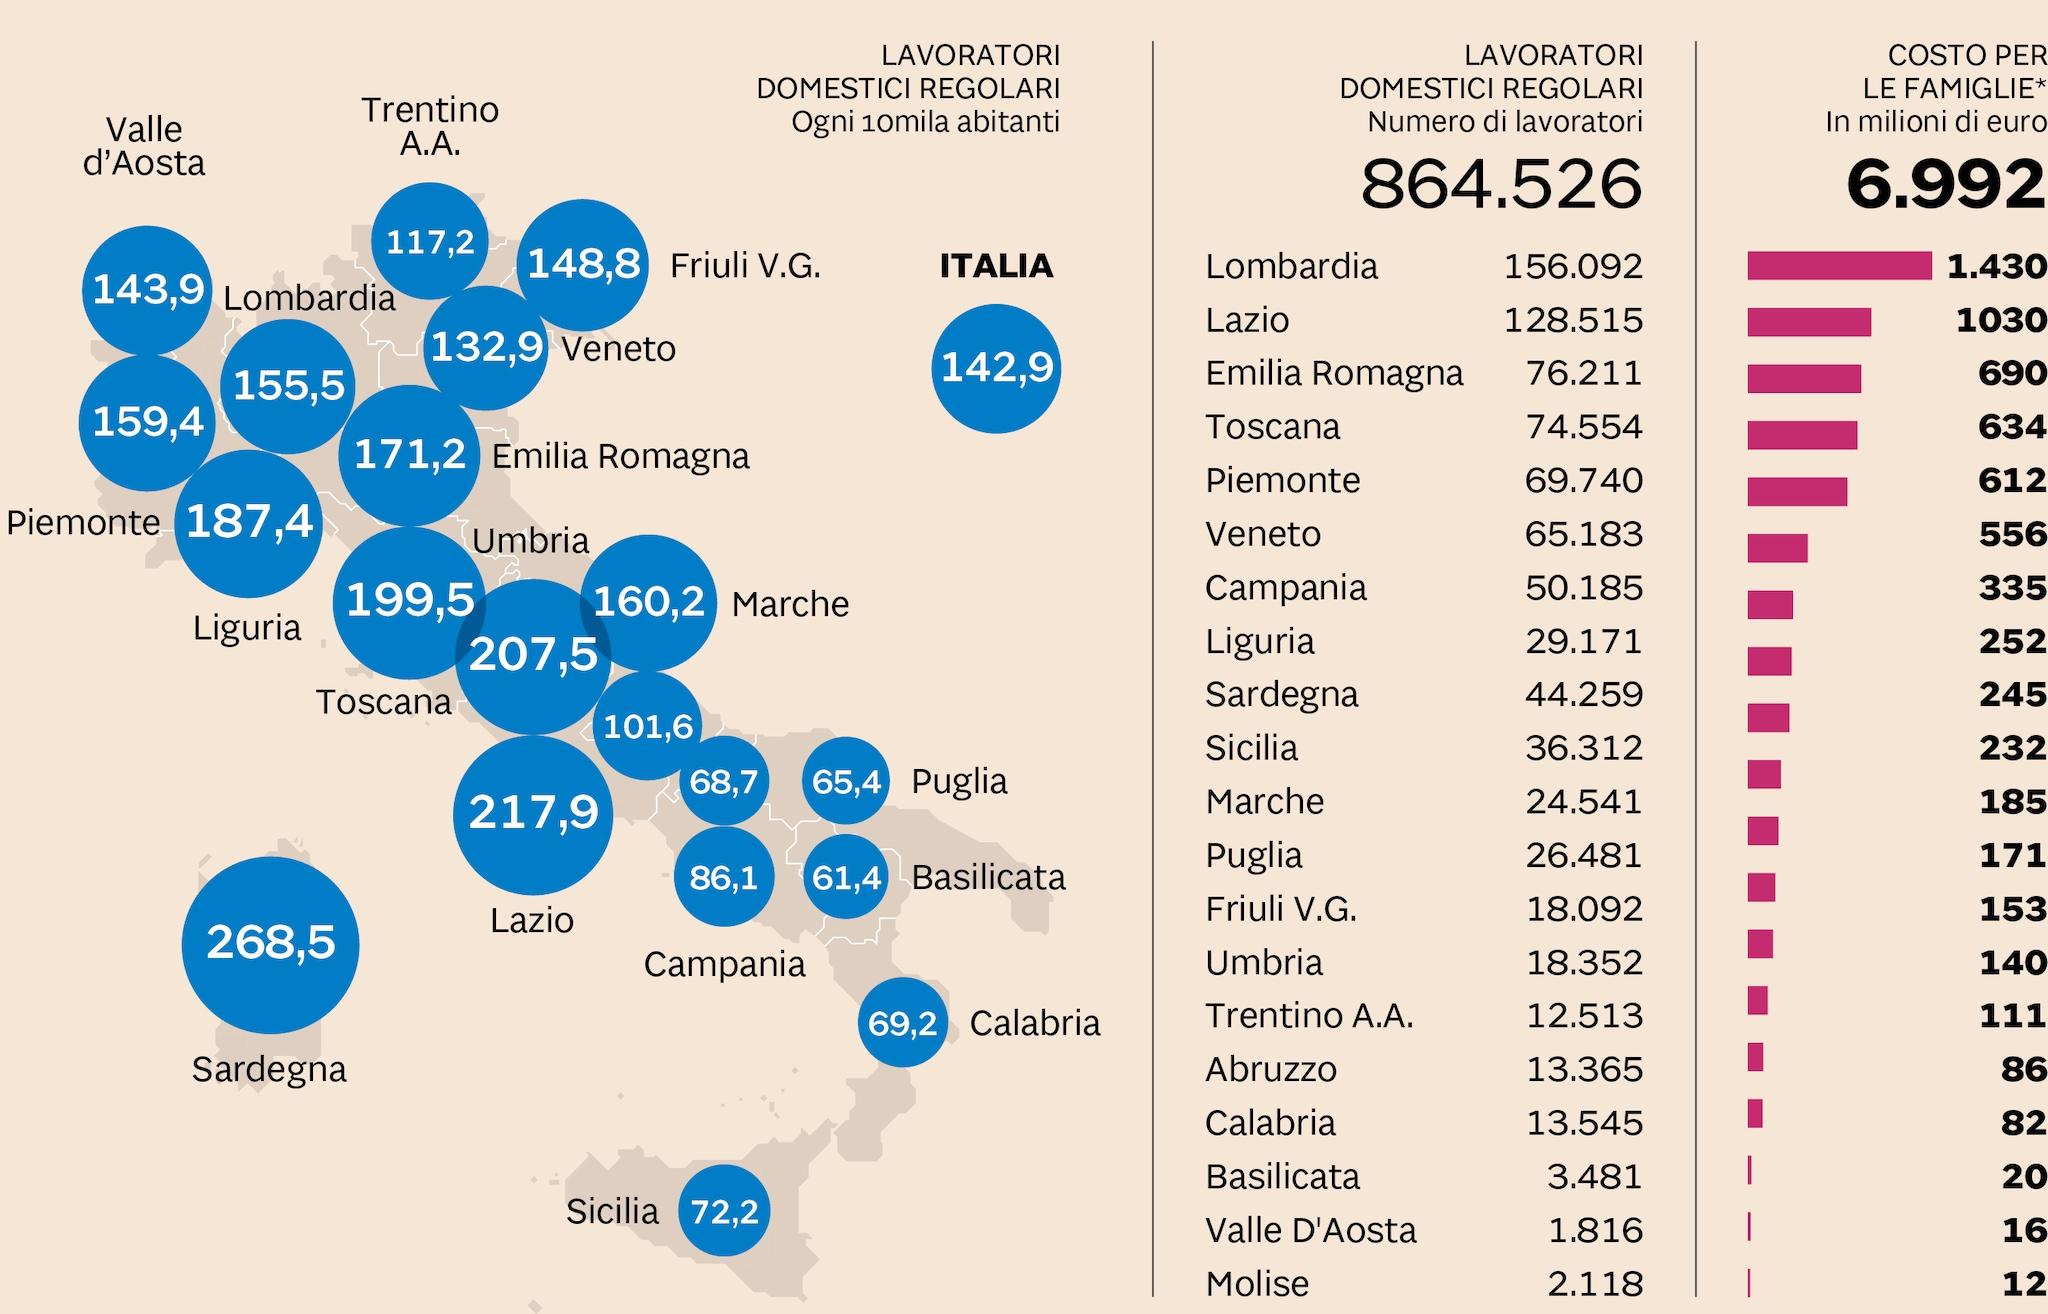 LA MAPPA DEL LAVORO DOMESTICO IN ITALIA